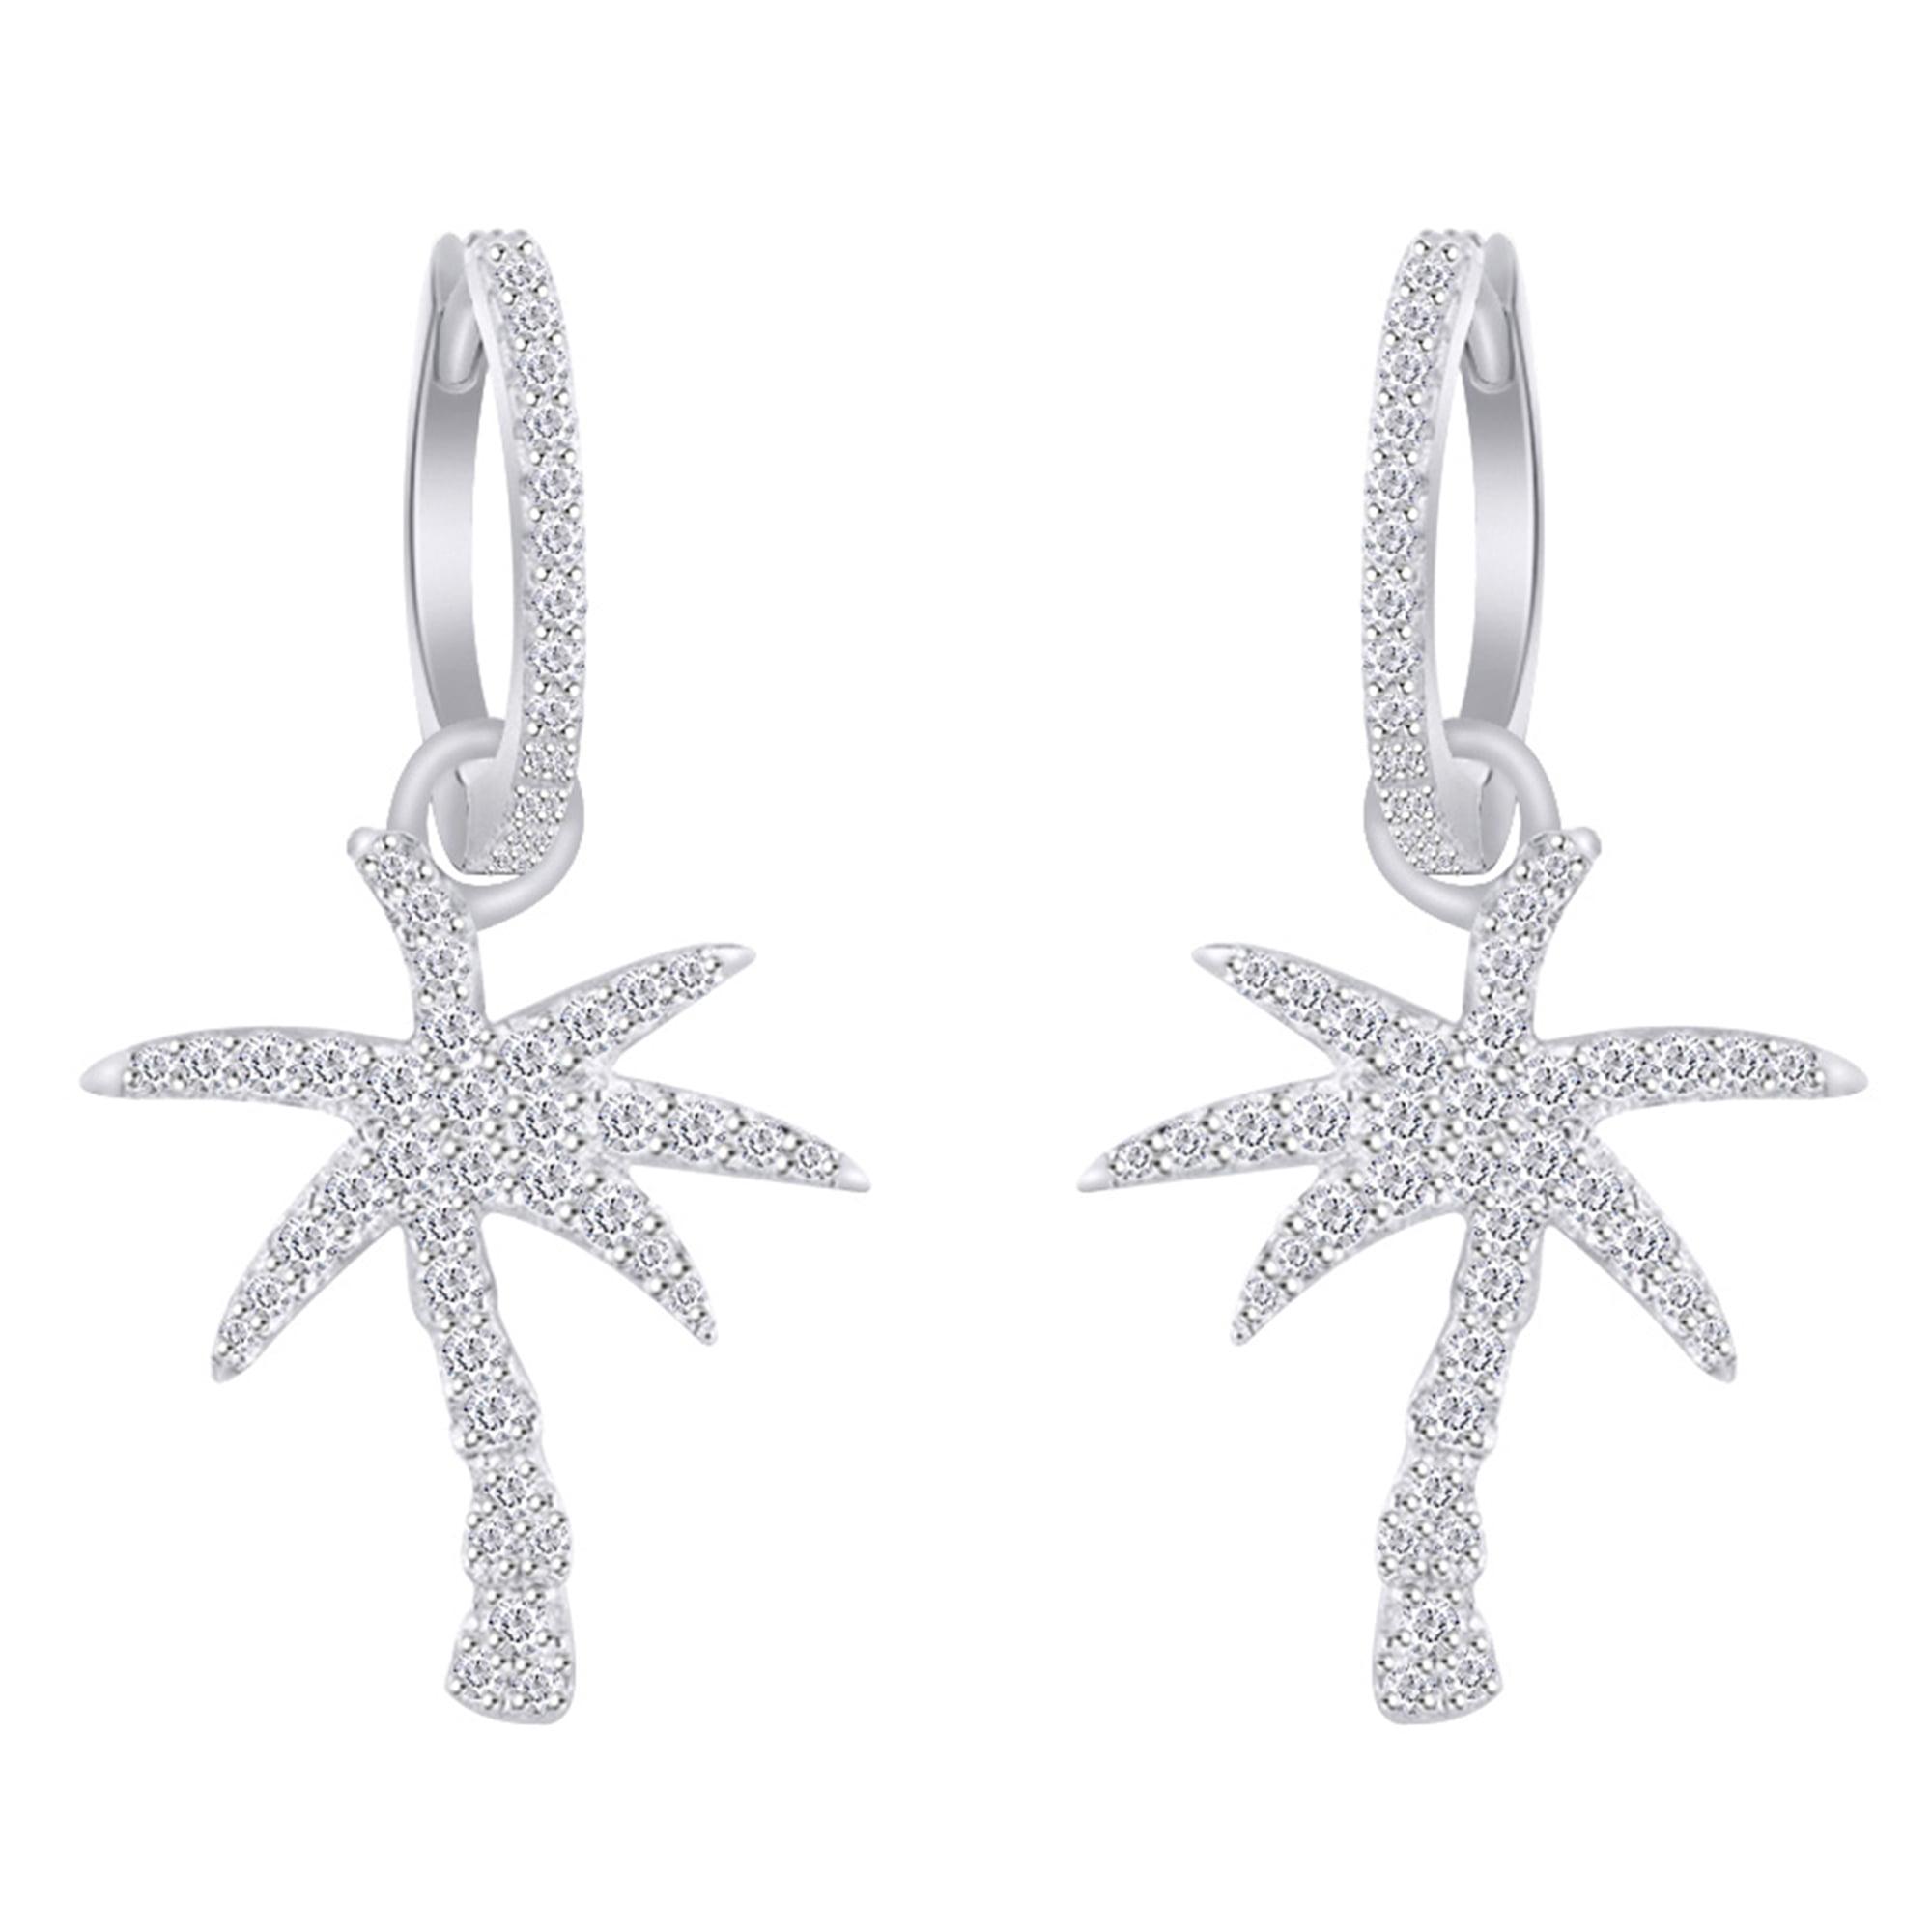 Knsam Stud Earrings Women Silver Metal Flower Silver Earring 2.21Cm Earrings Women Fashion